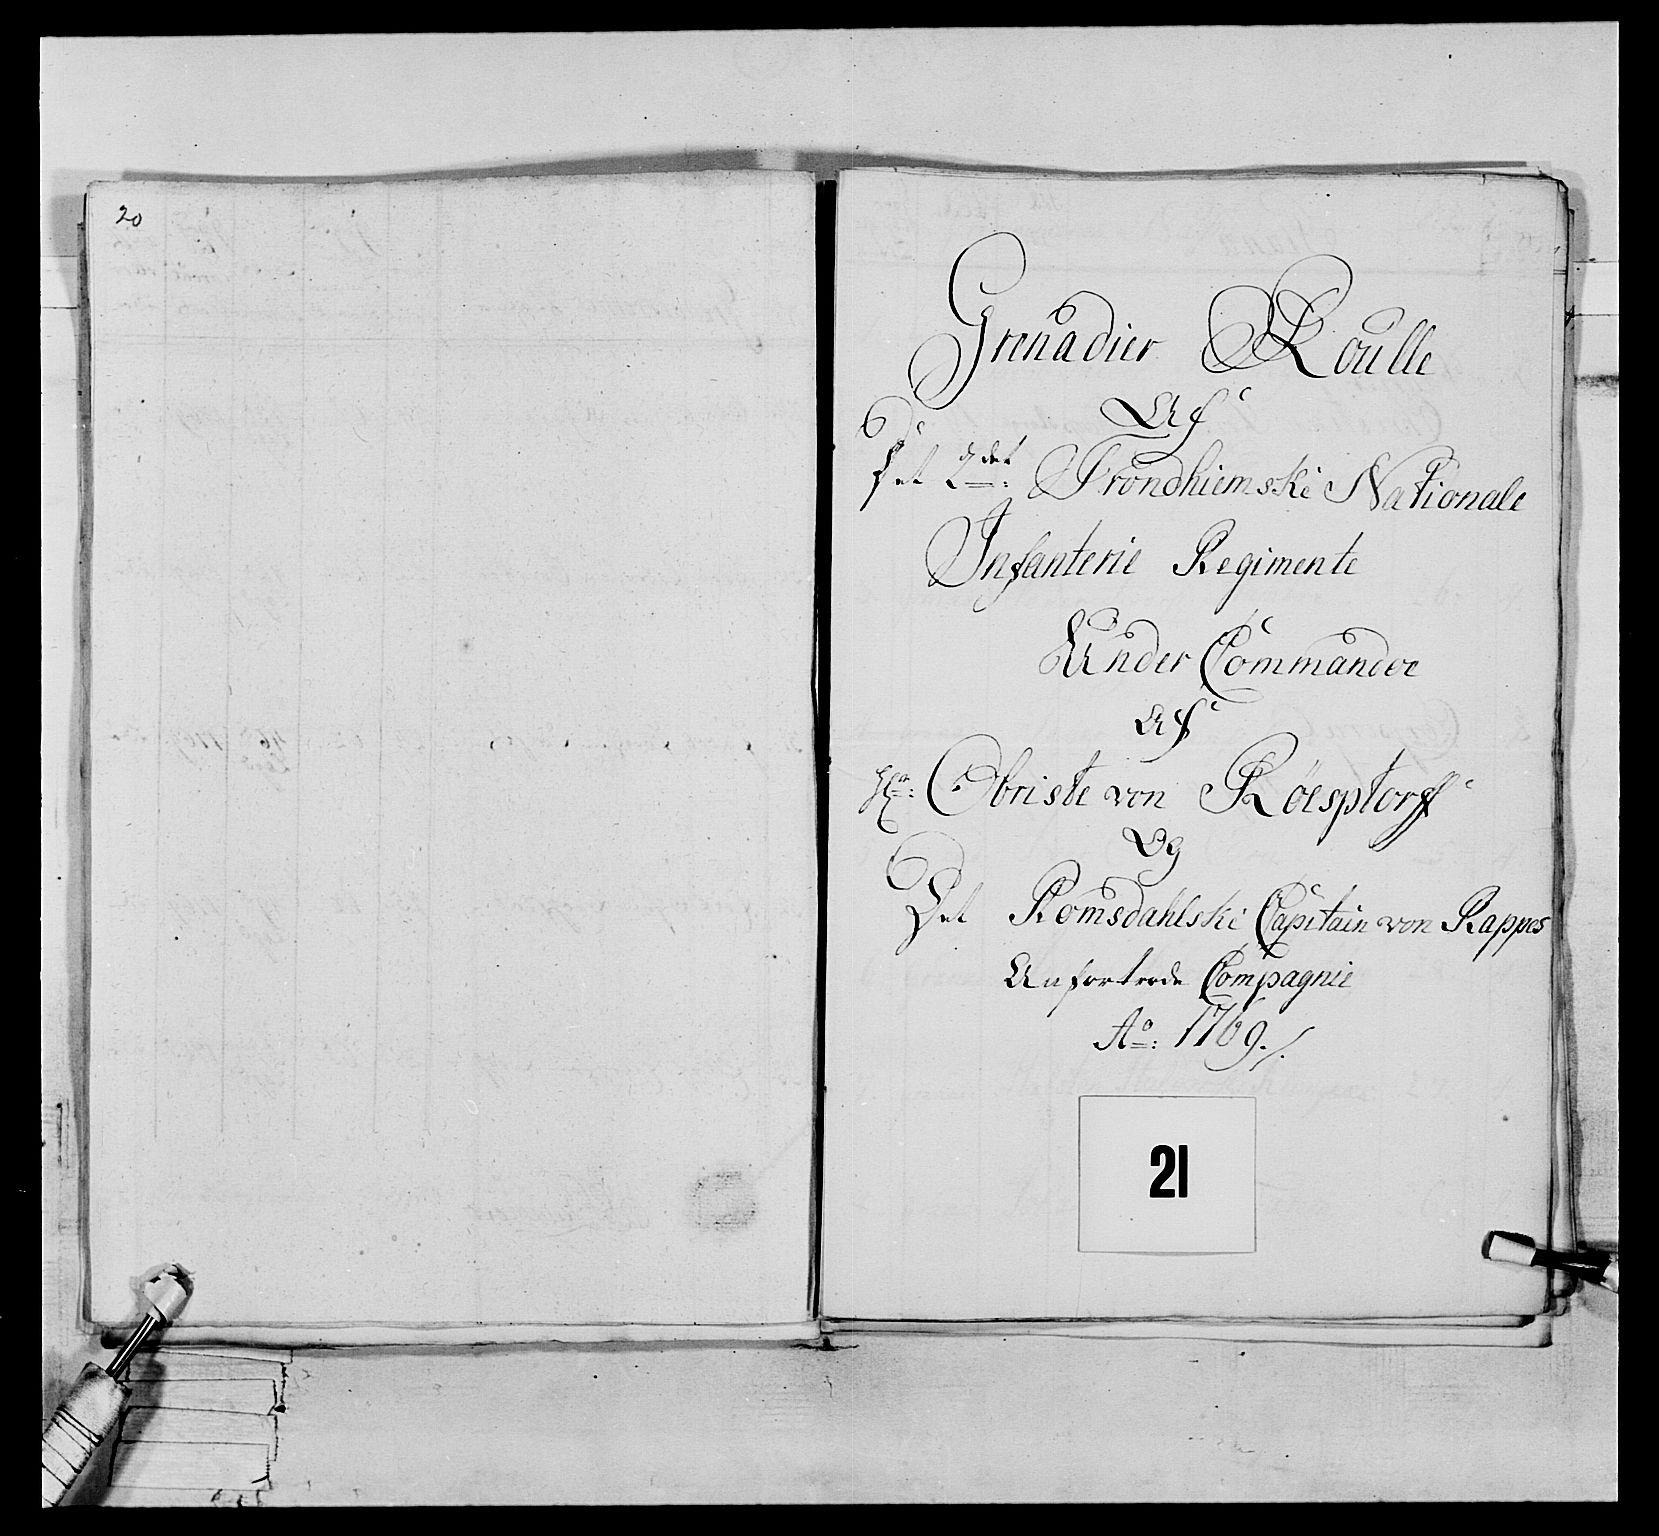 RA, Generalitets- og kommissariatskollegiet, Det kongelige norske kommissariatskollegium, E/Eh/L0076: 2. Trondheimske nasjonale infanteriregiment, 1766-1773, s. 47